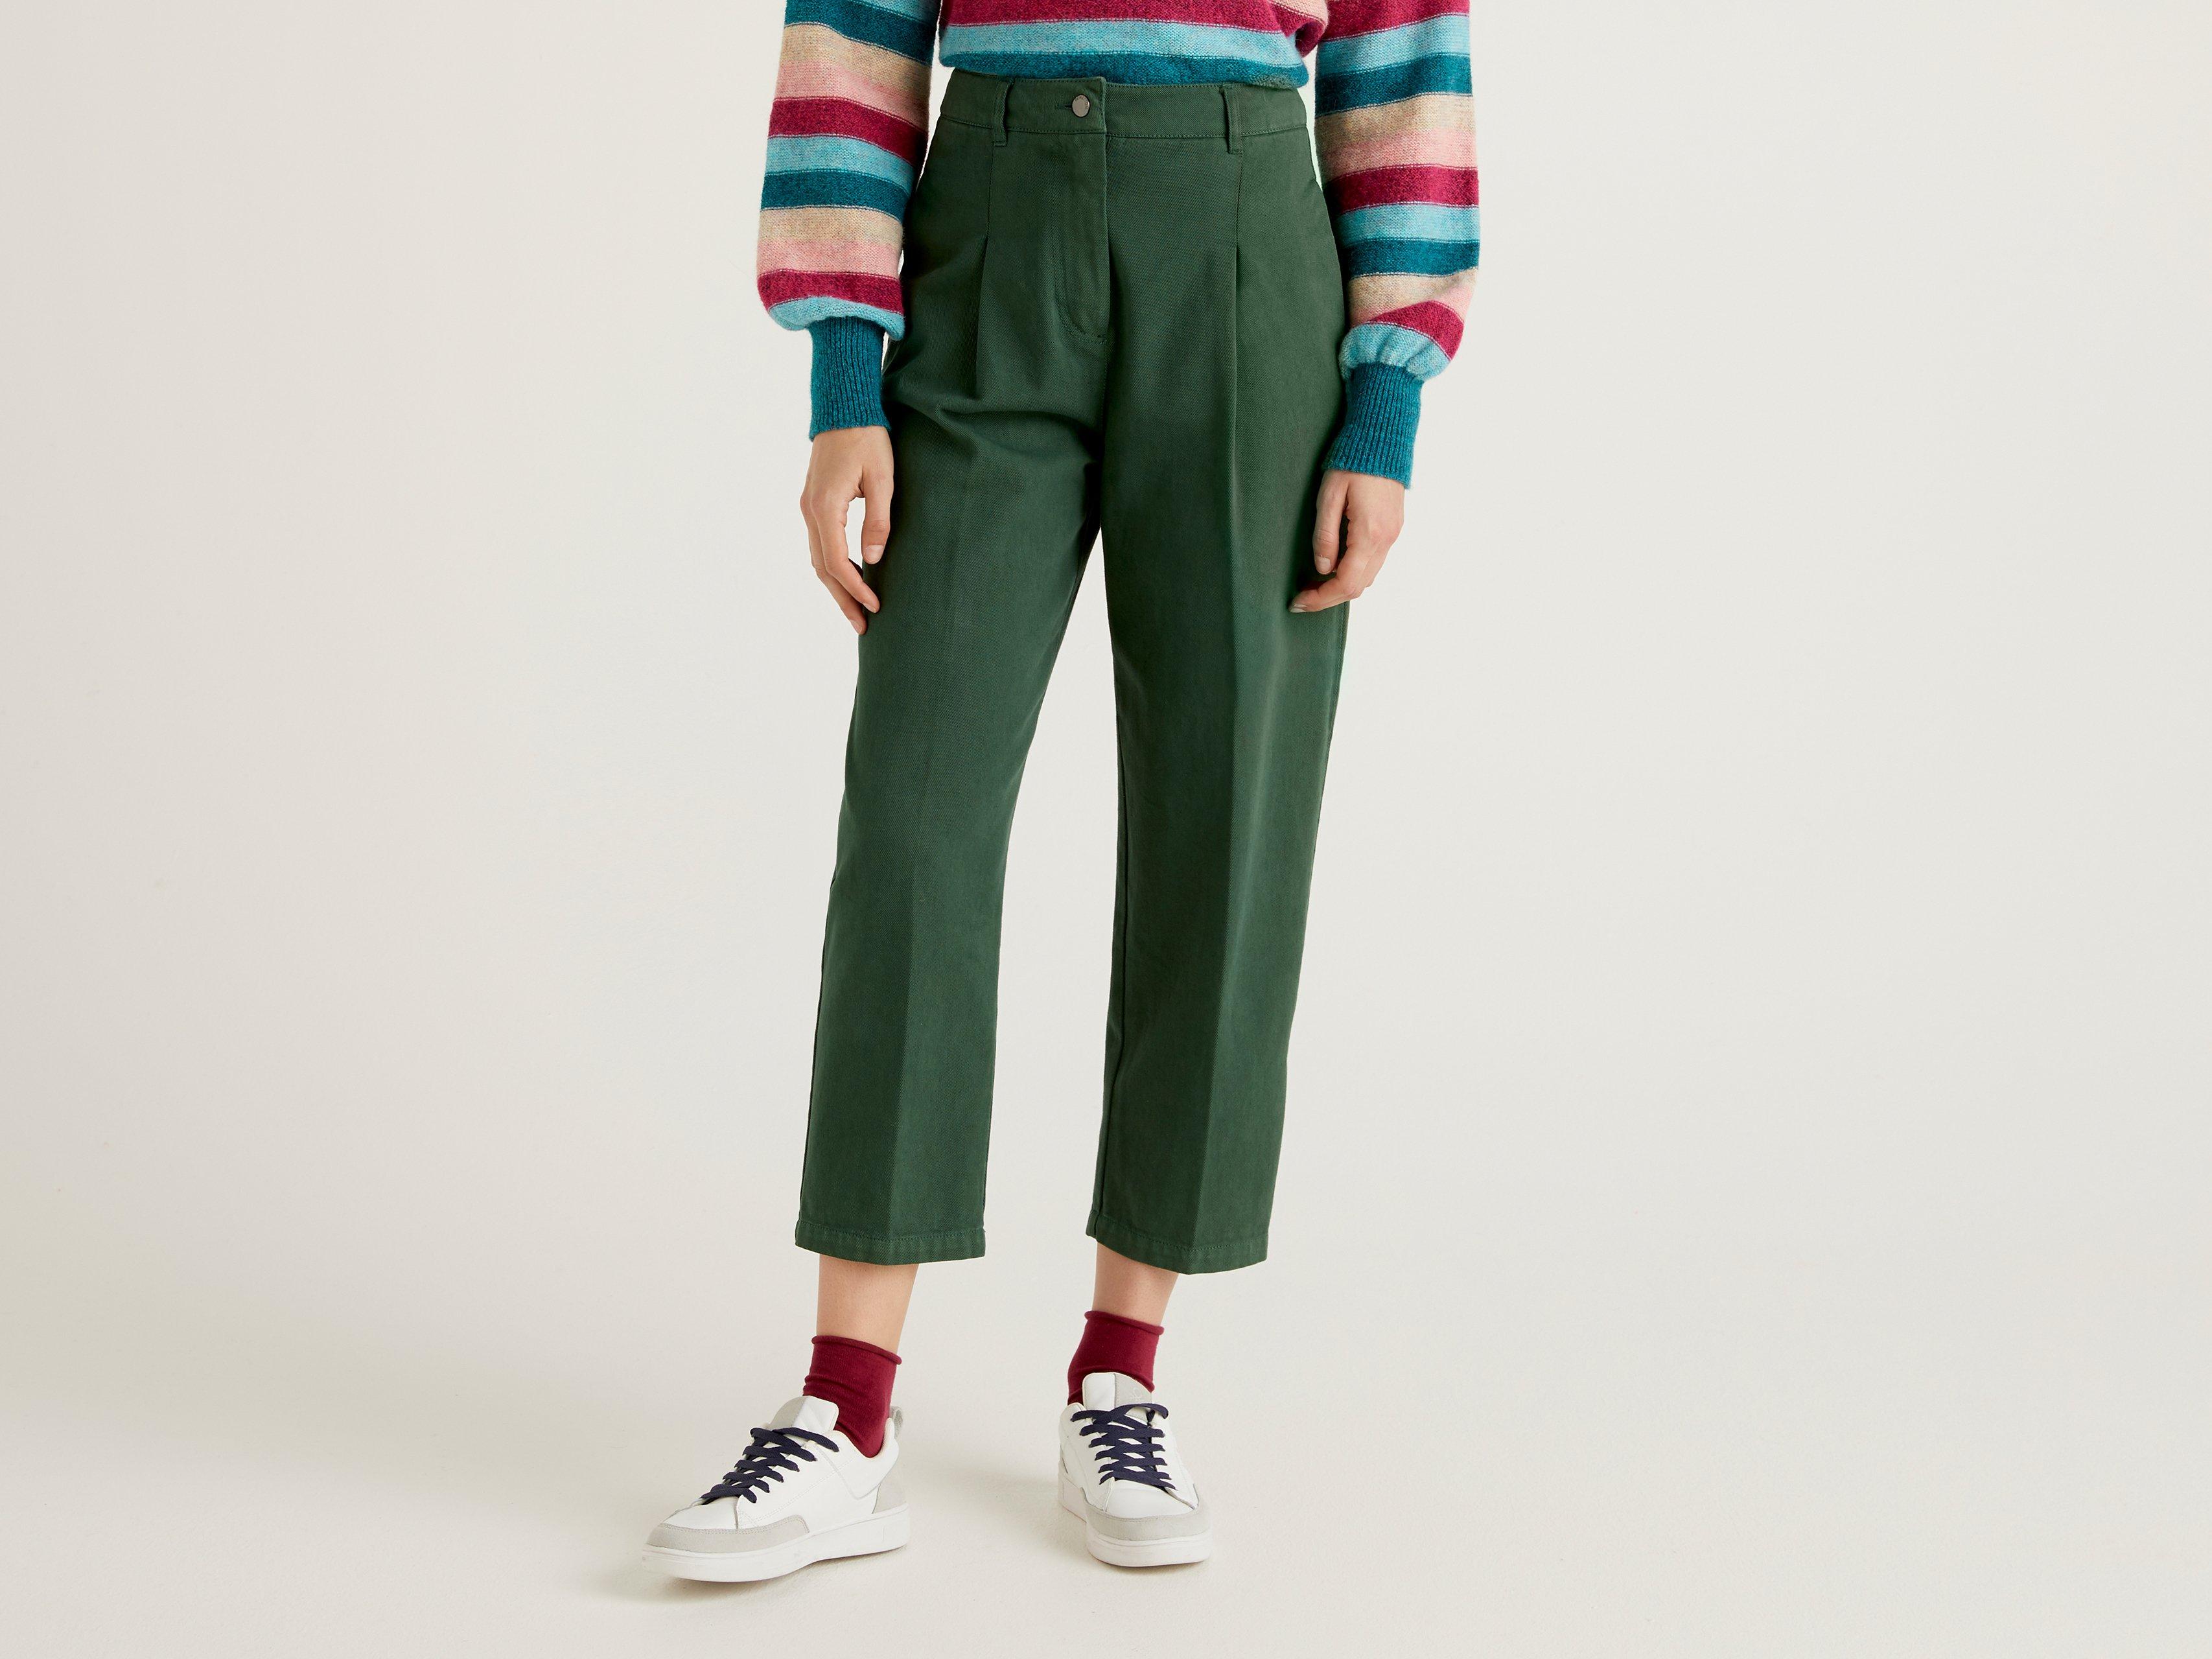 Джинсы женские United Colors of Benetton 21A_4DUK55AB4 зеленые 44